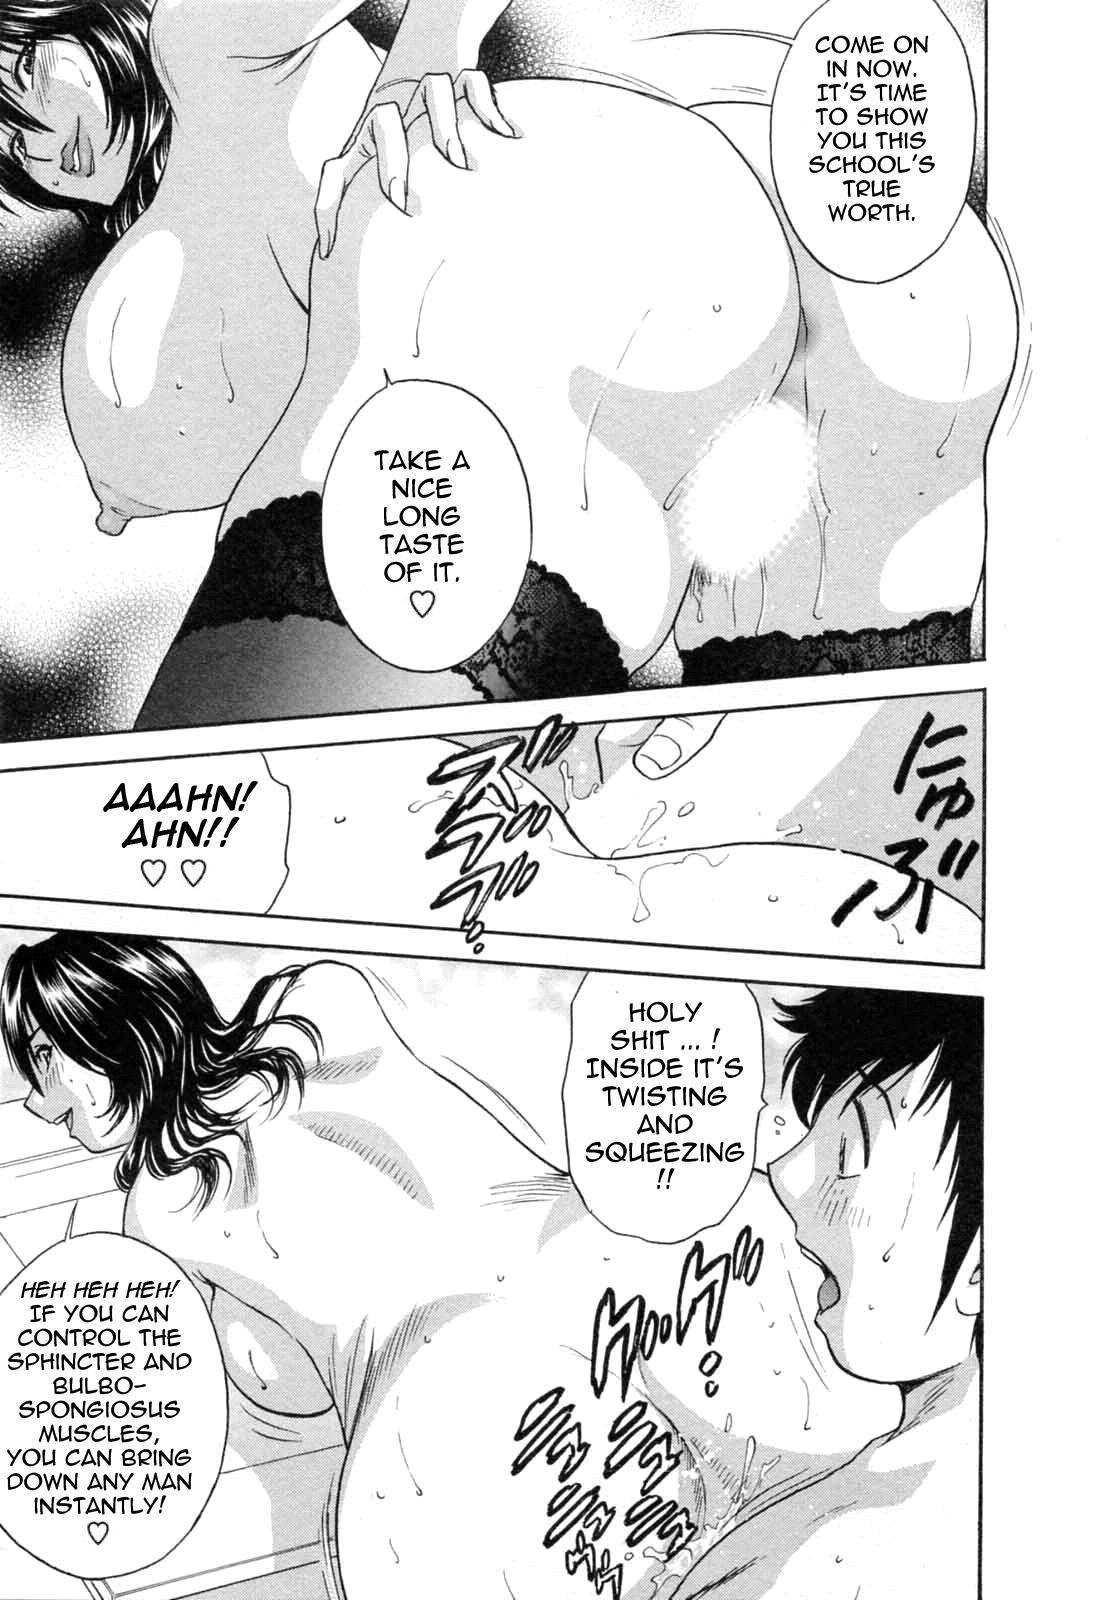 [Hidemaru] Mo-Retsu! Boin Sensei (Boing Boing Teacher) Vol.5 [English] [4dawgz] [Tadanohito] 23